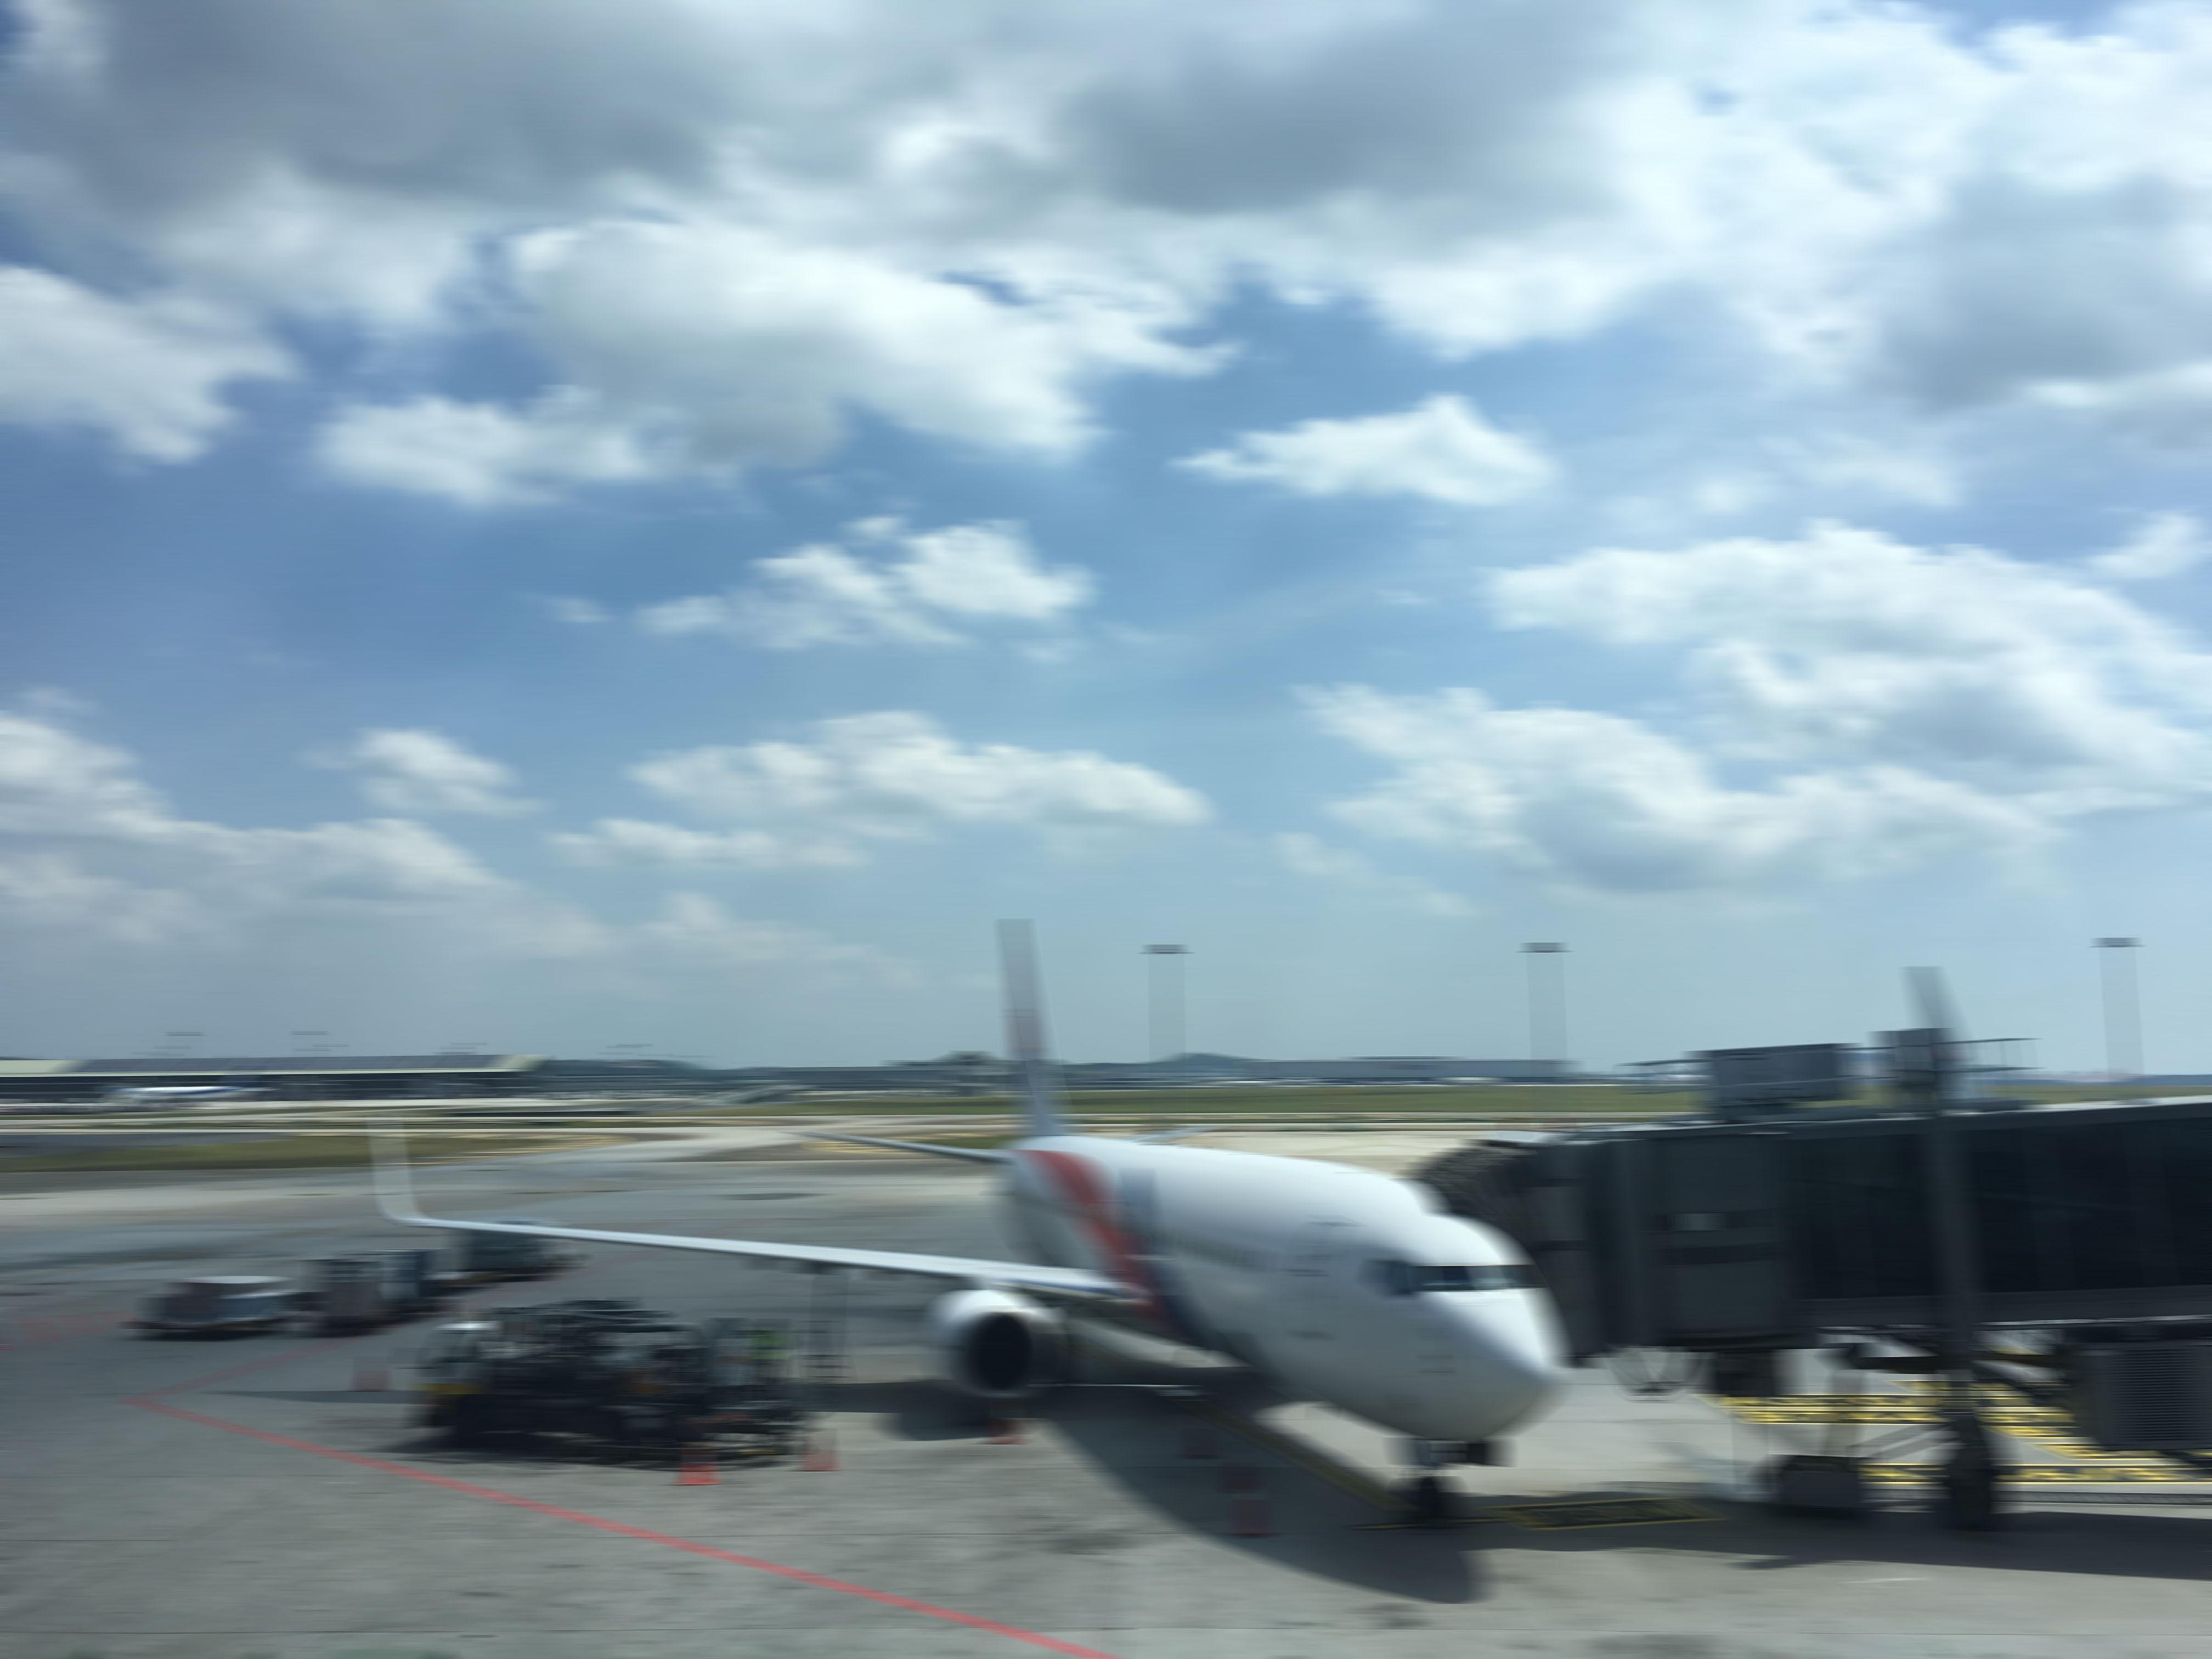 Acidente aéreo que matou 32 foi causado por erro do piloto